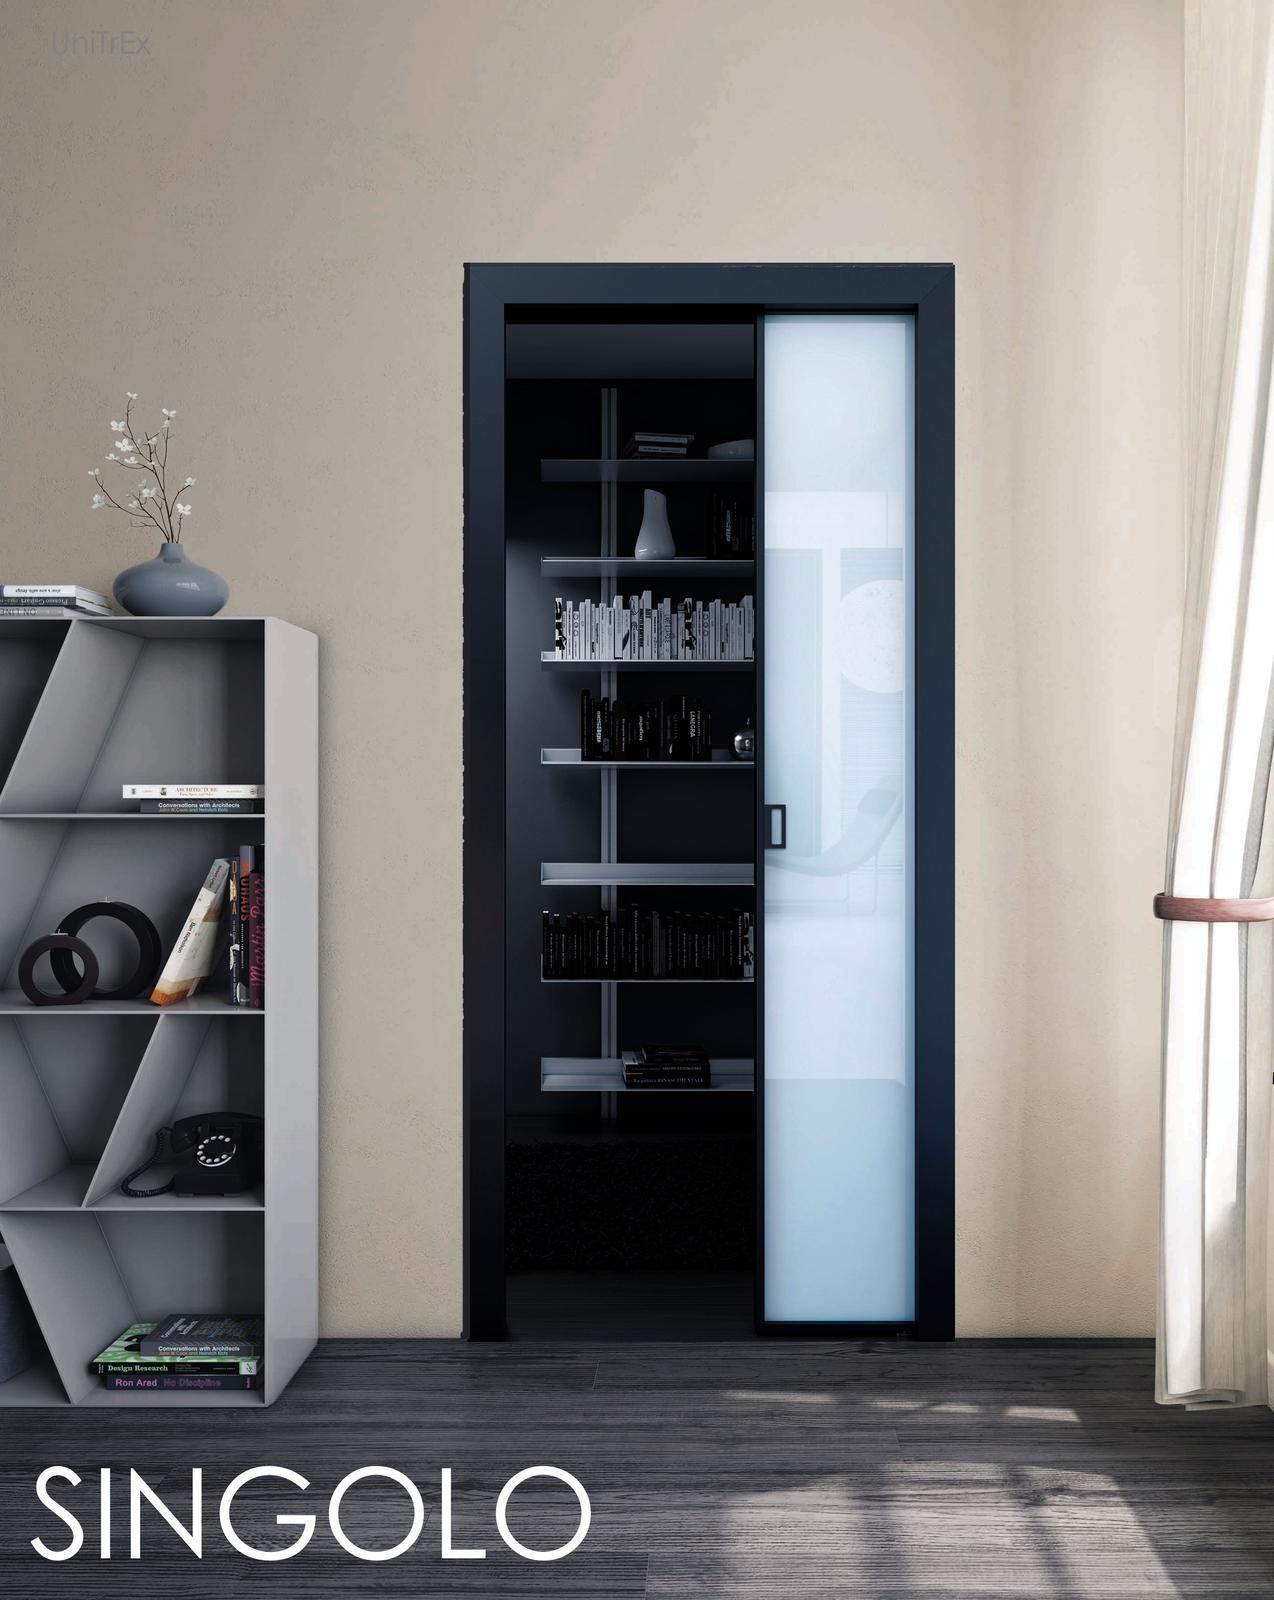 Zasuvacie dvere klasicke dvere skrite dvere UniTrEx s.r.o. - Obrázok č. 4